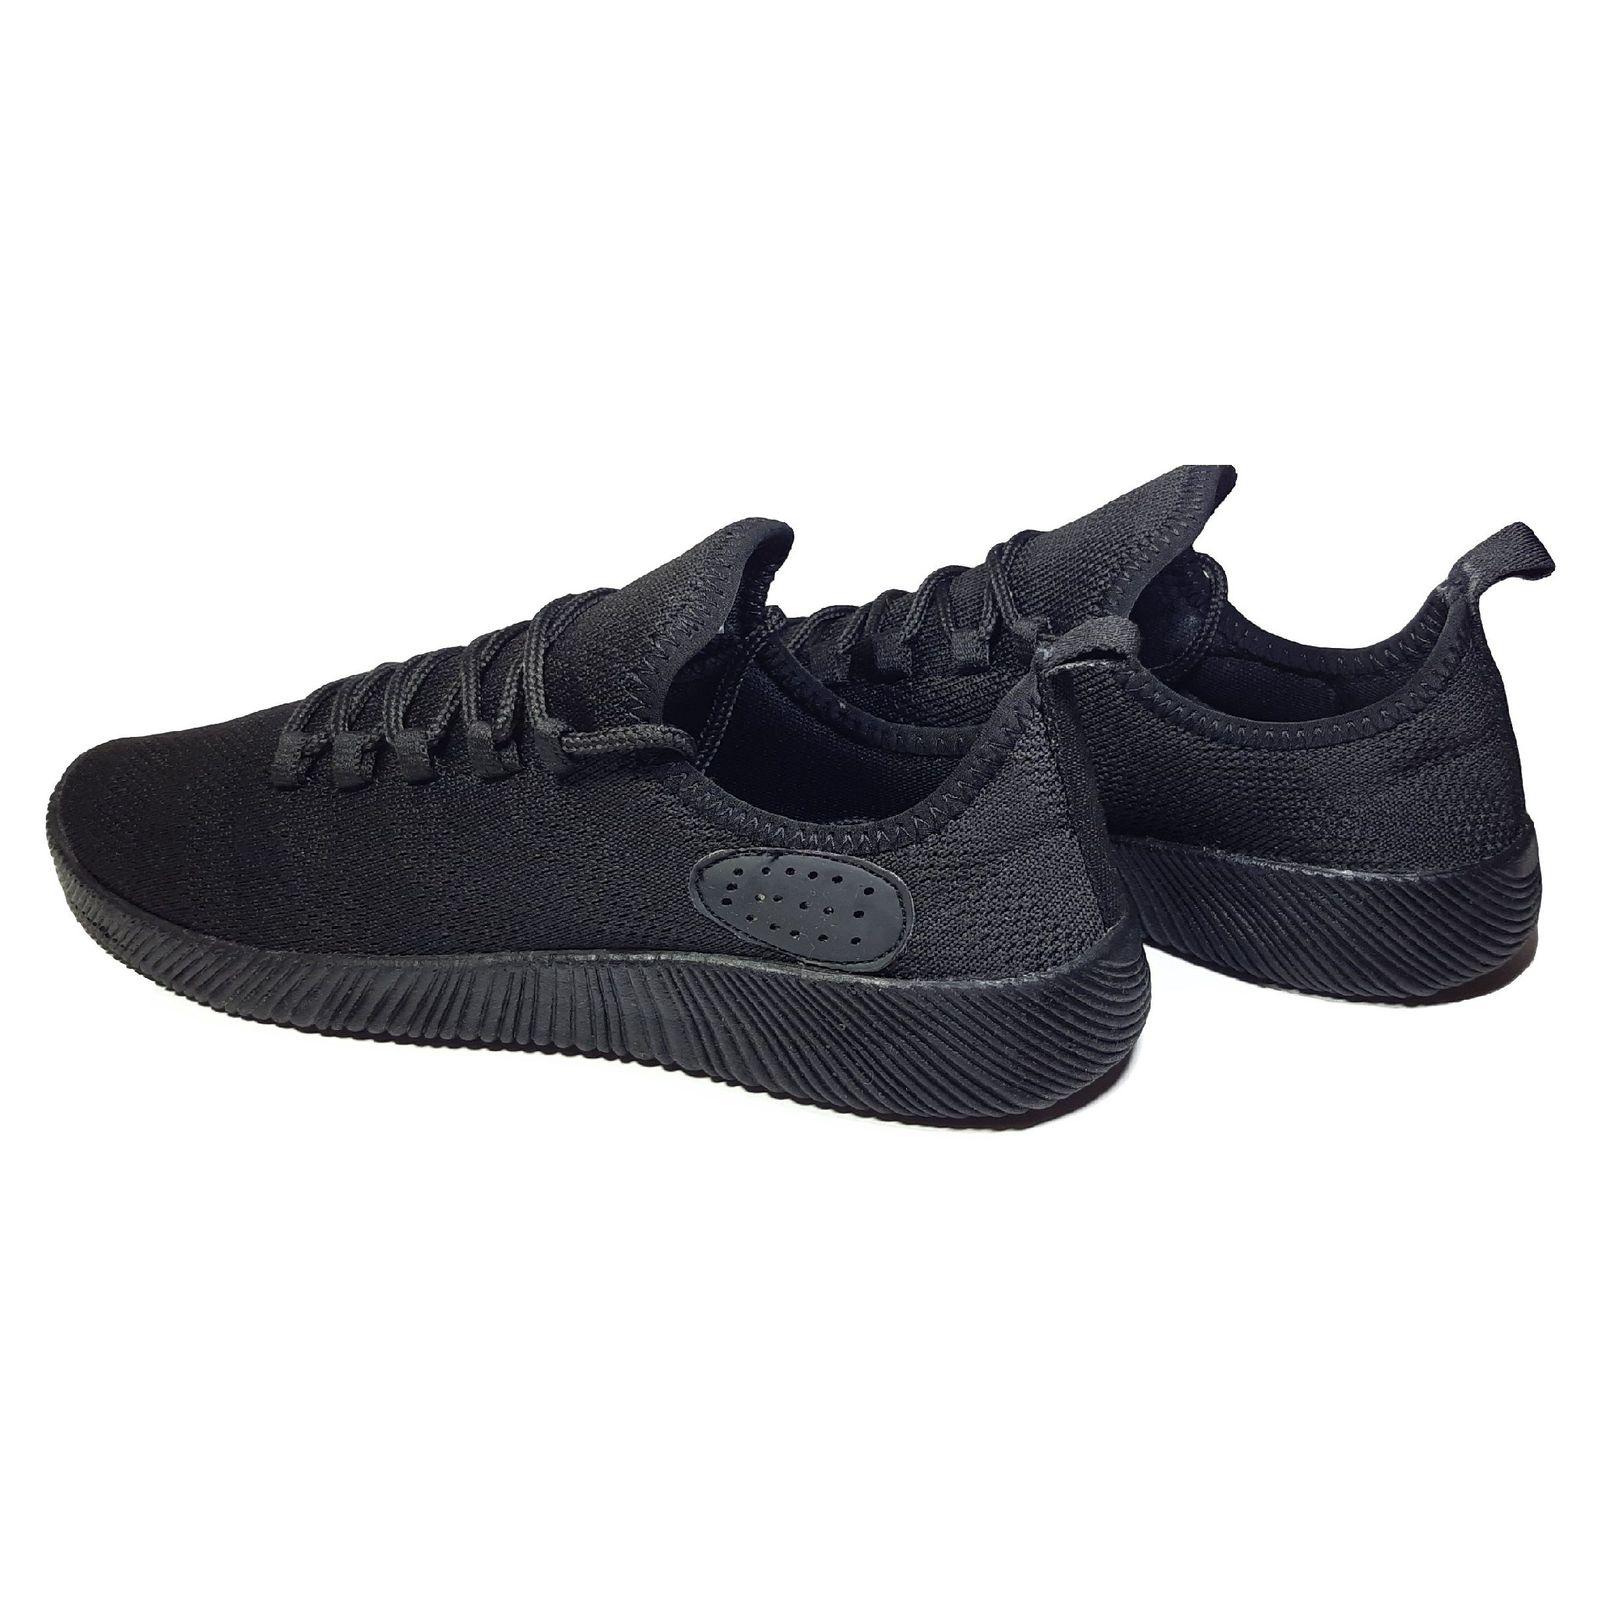 کفش مخصوص پیاده روی زنانه مدل Dharma Black W main 1 4